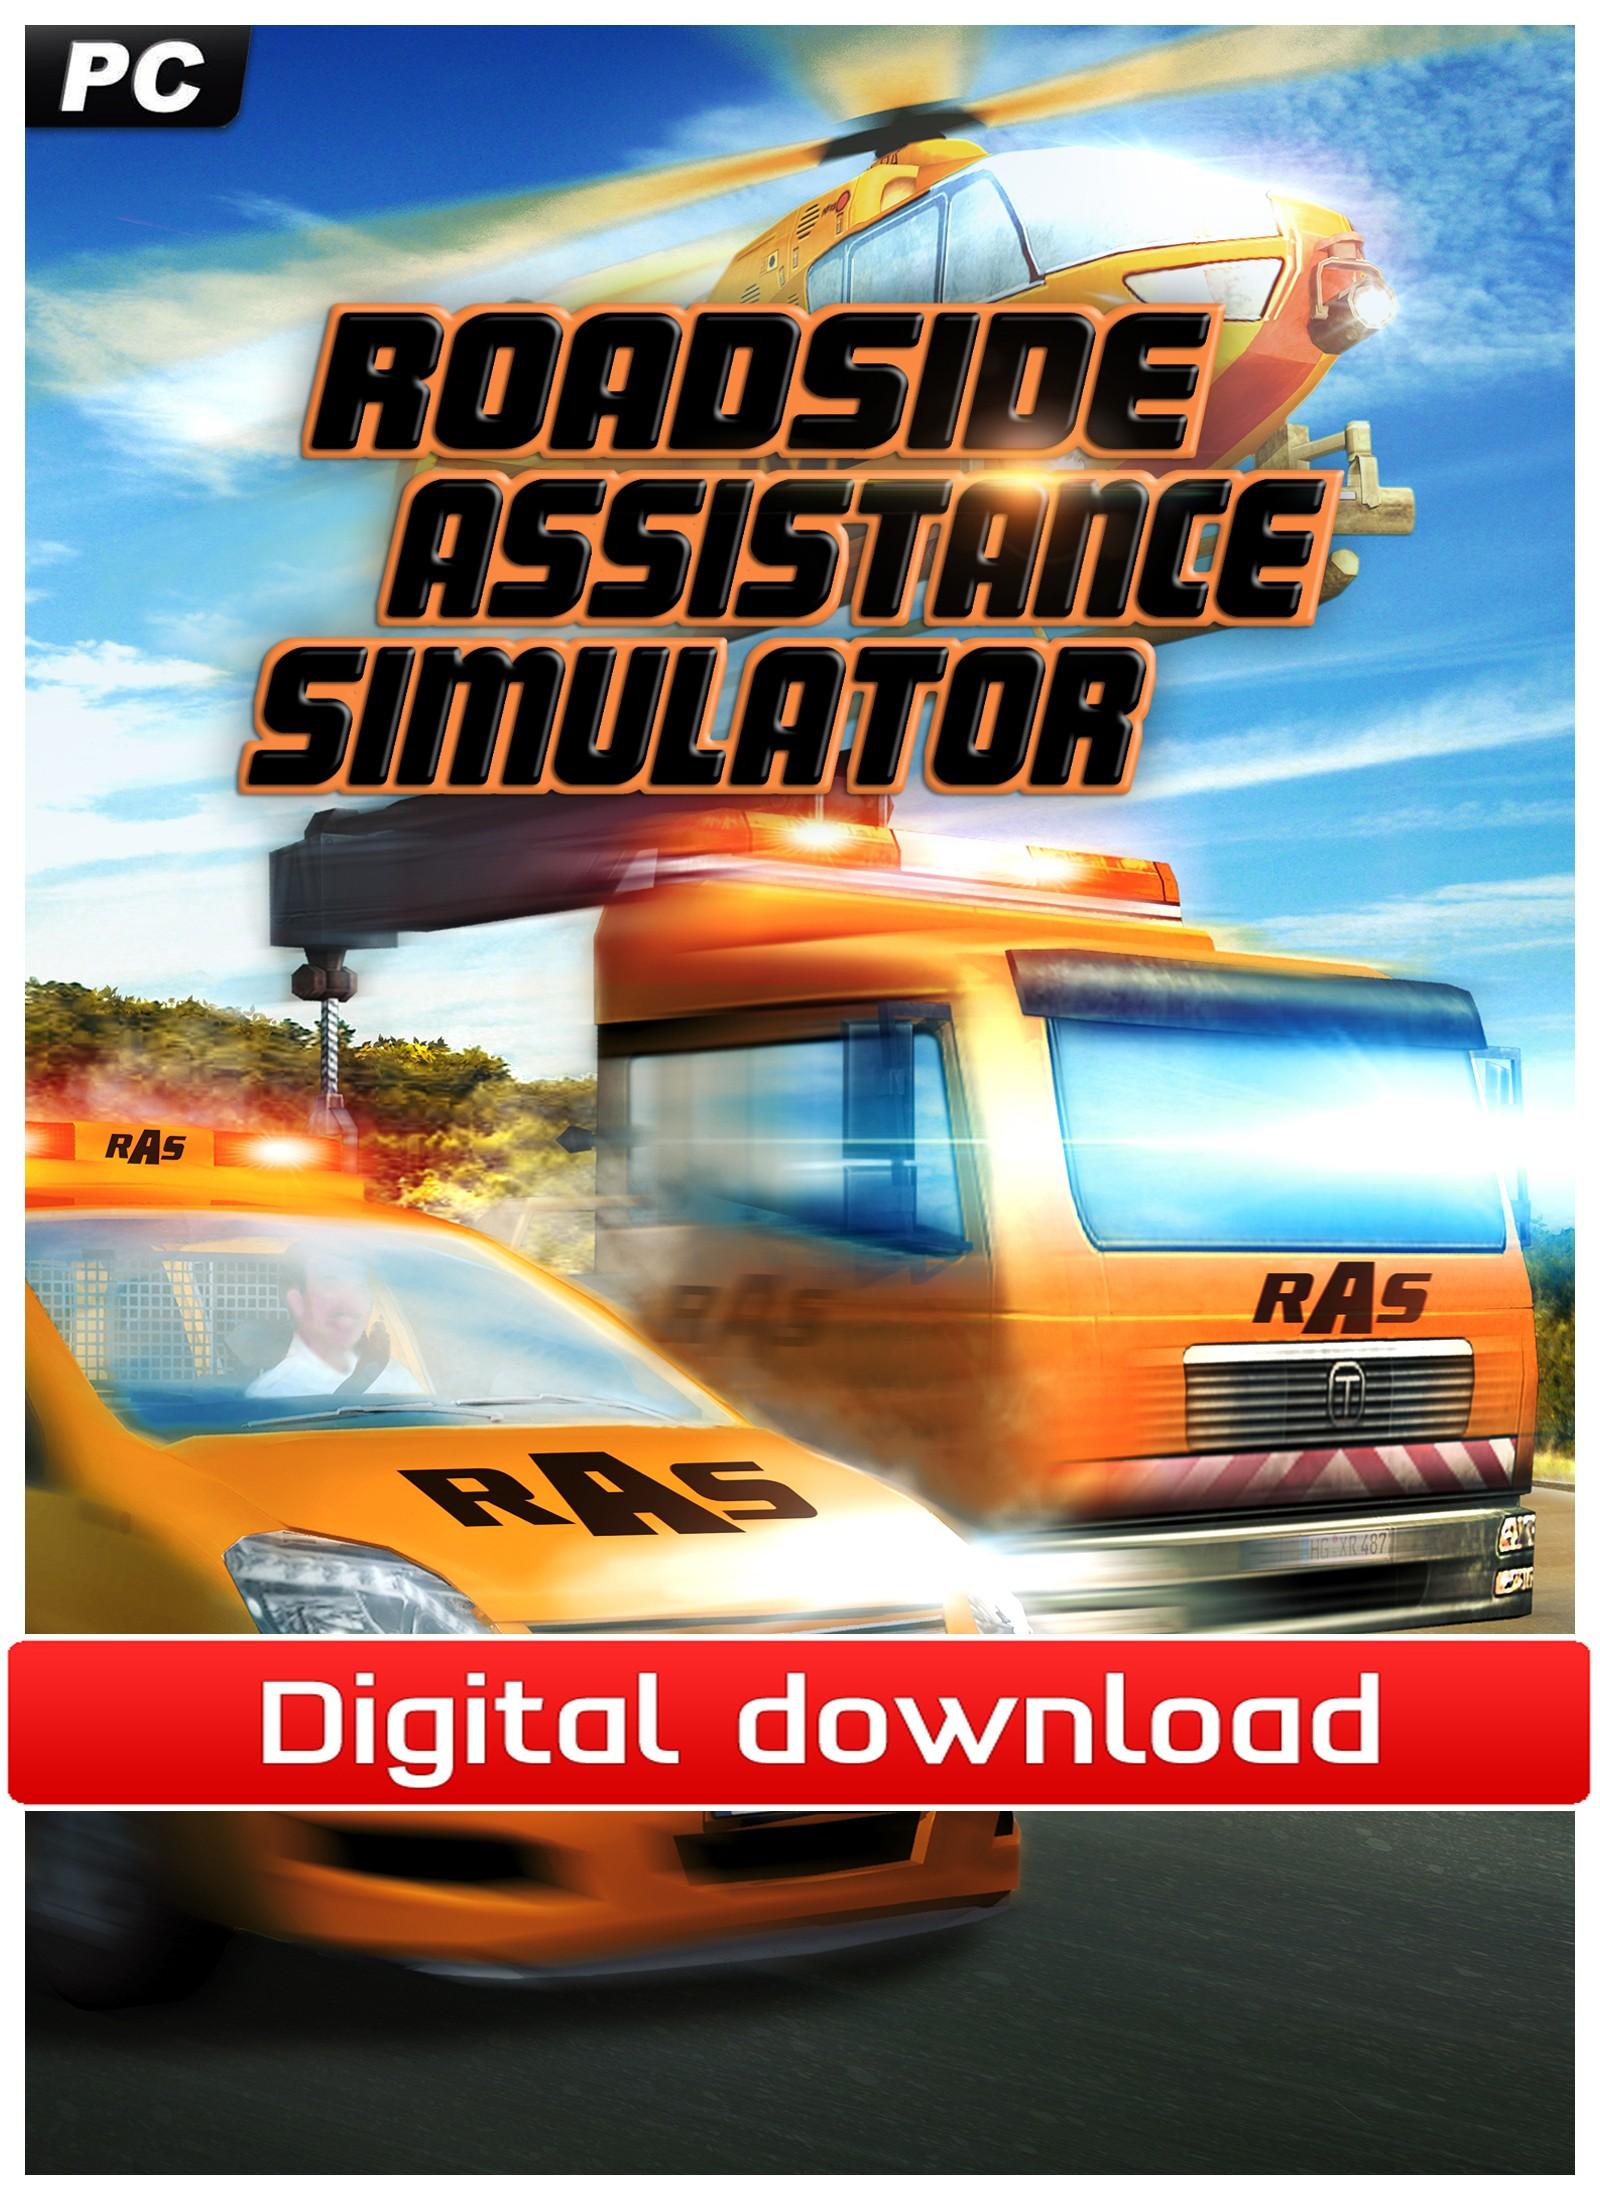 Road Assistance Simulator (PC nedlastning) PCDD36207